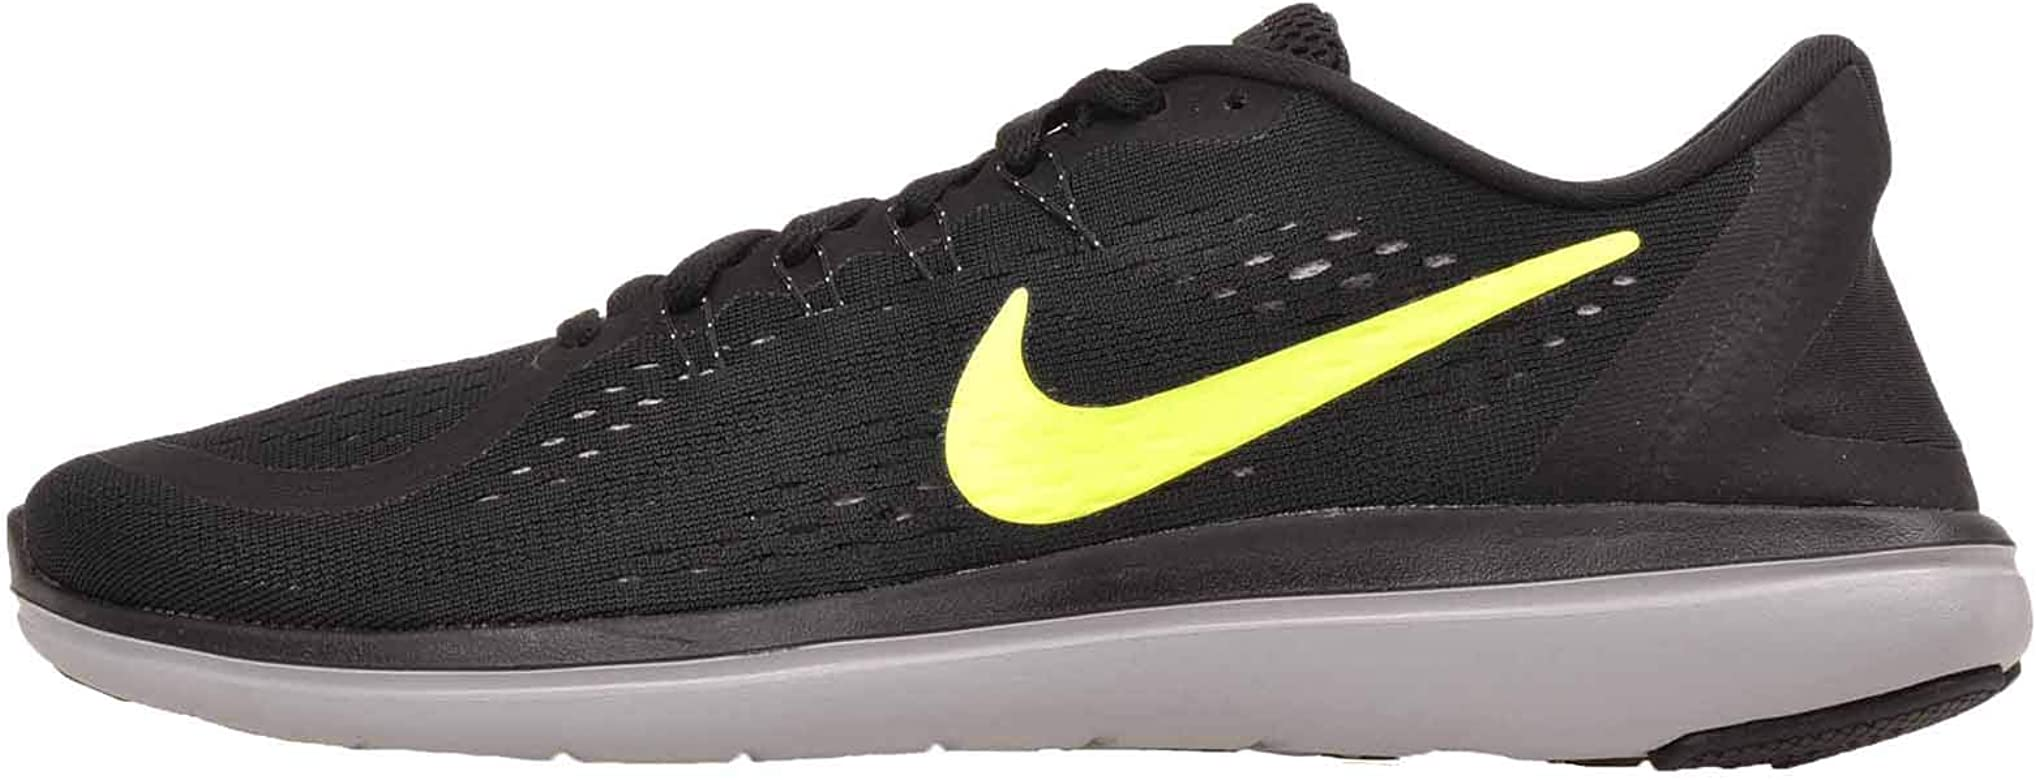 Nike Flex 2017 RN, Zapatillas de Deporte para Hombre, Multicolor (Black/Volt-Wolf Grey 015), 48.5 EU: Amazon.es: Zapatos y complementos